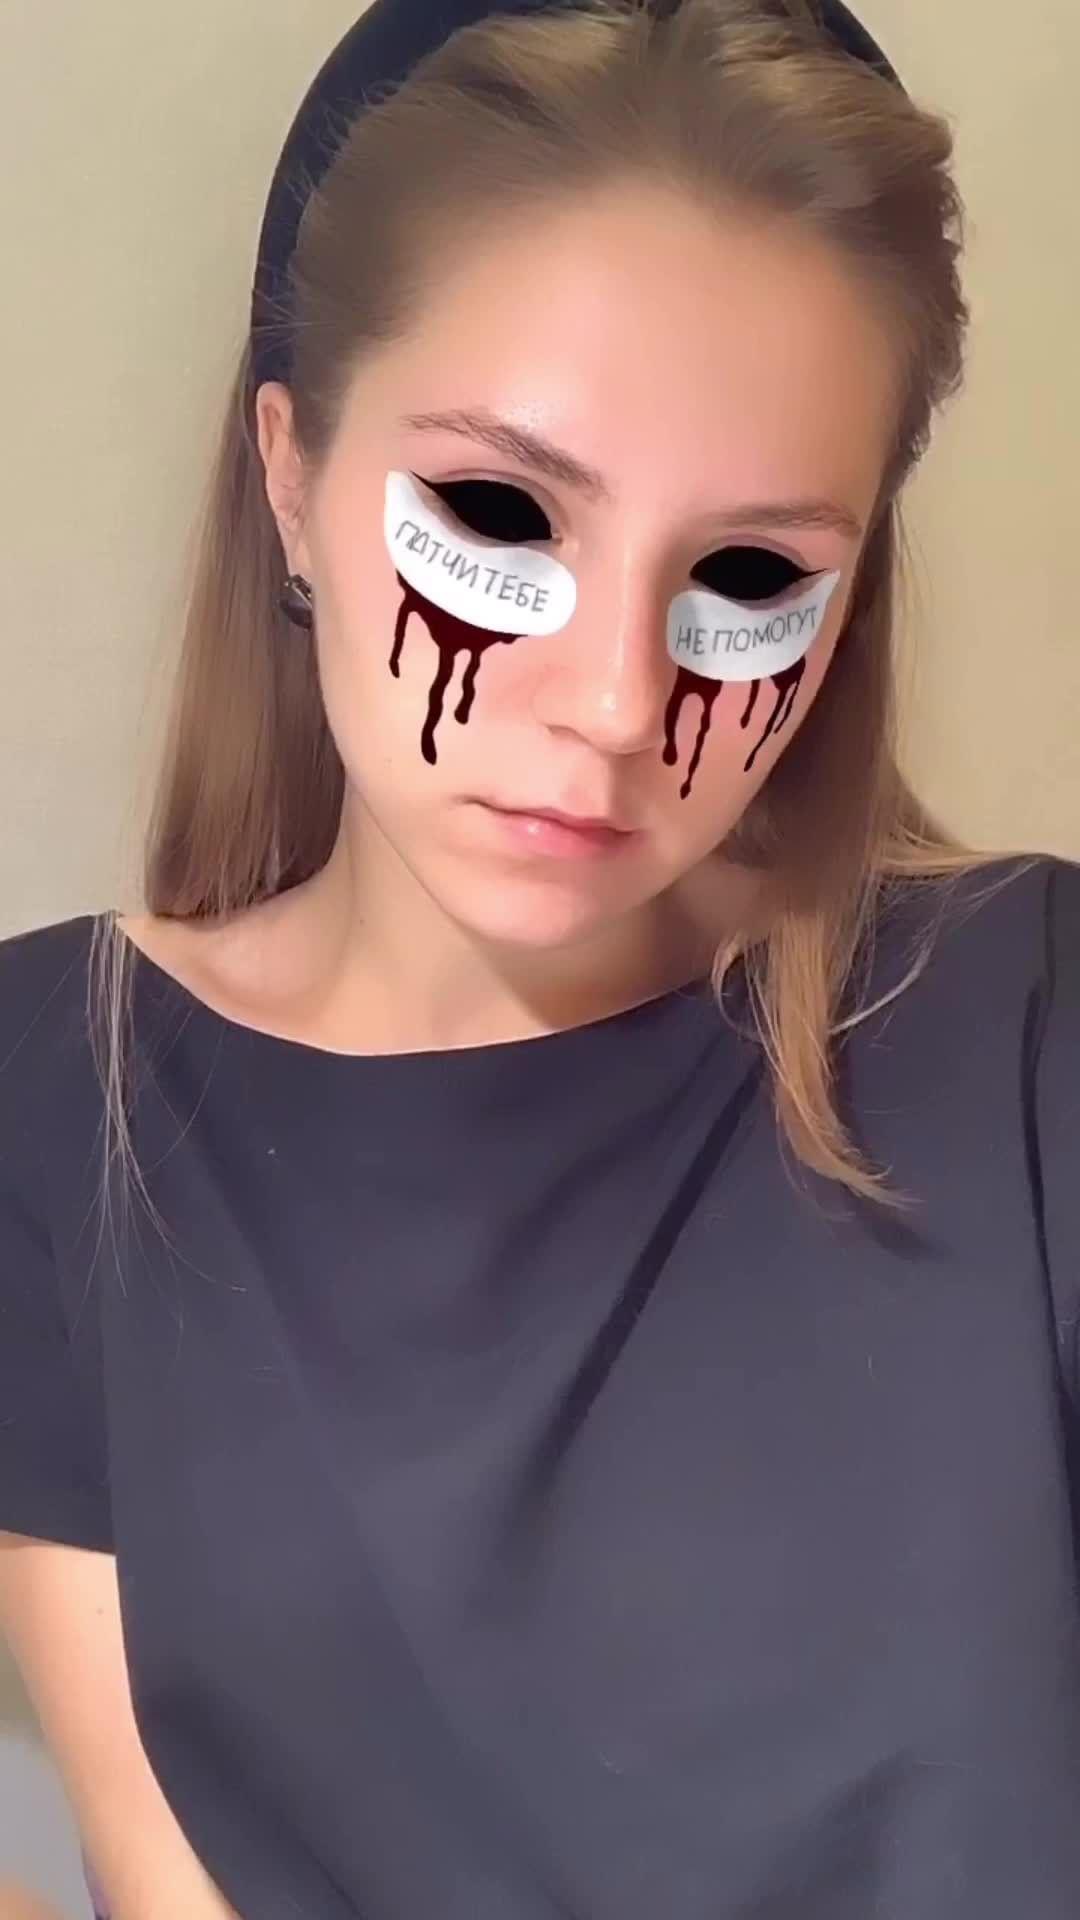 zykina_annetta Instagram filter Demon